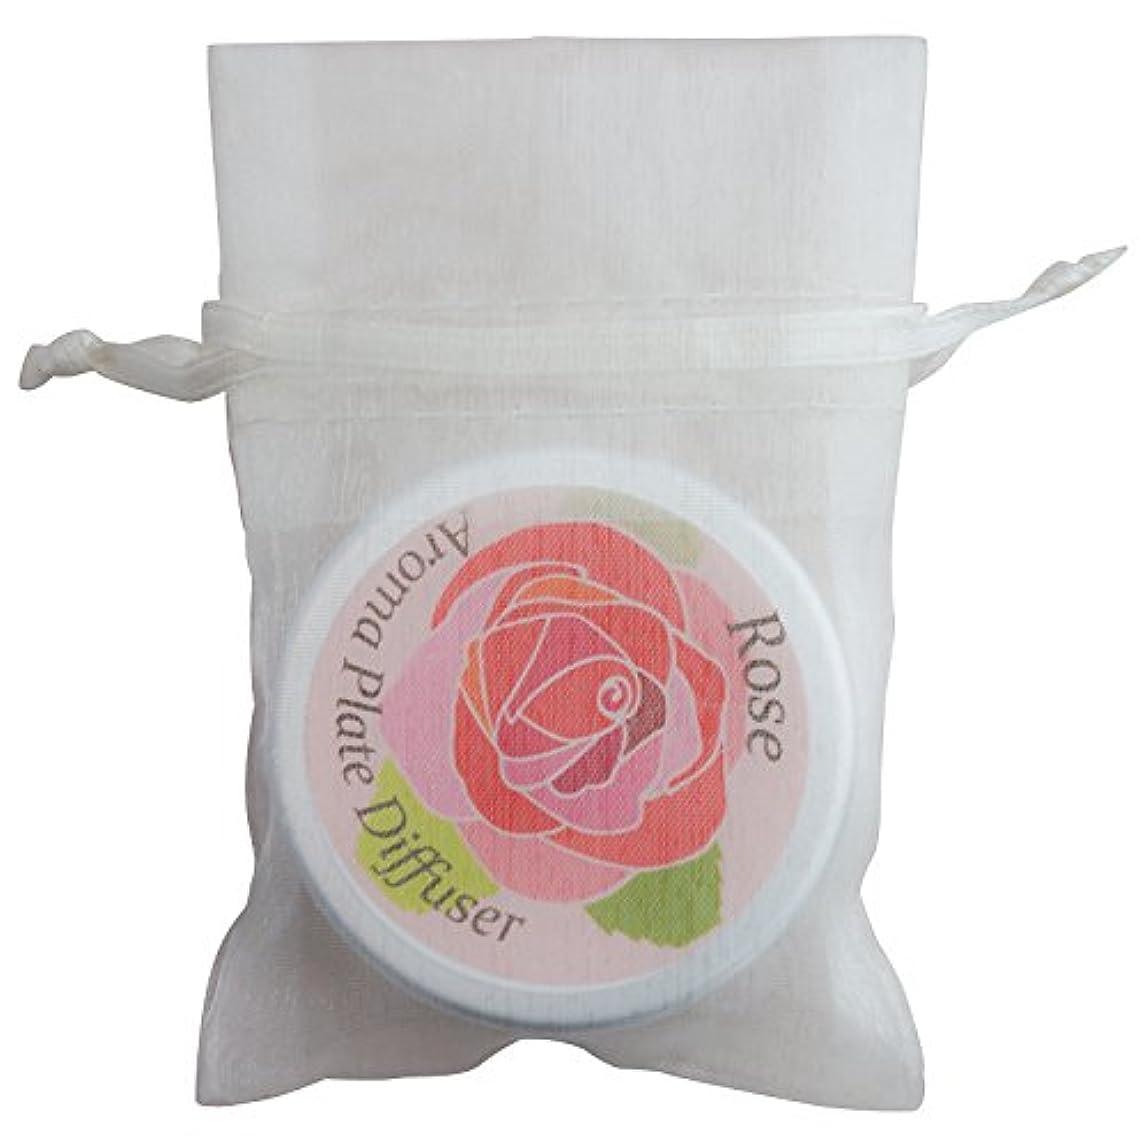 アロマラボ 伊万里製 アロマプレート(ローズデザイン) アルミ缶入 オーガンジー袋つき